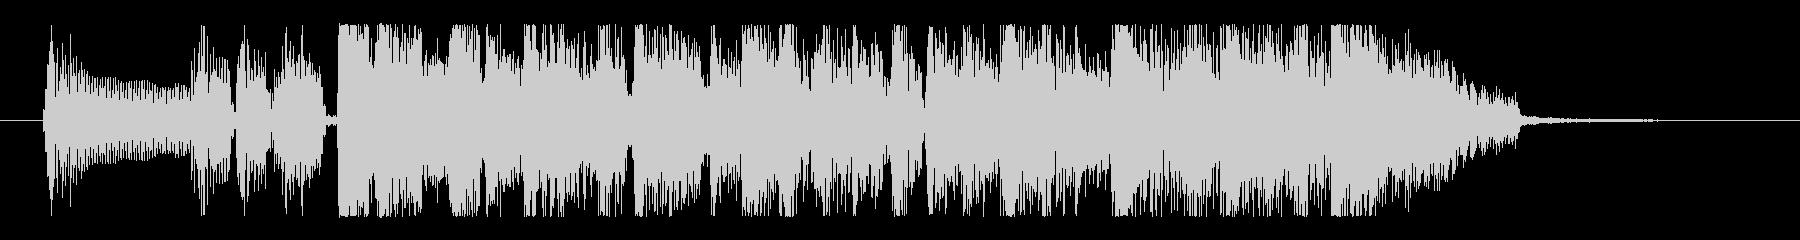 ファンキー&グルーヴィなベースのロゴの未再生の波形